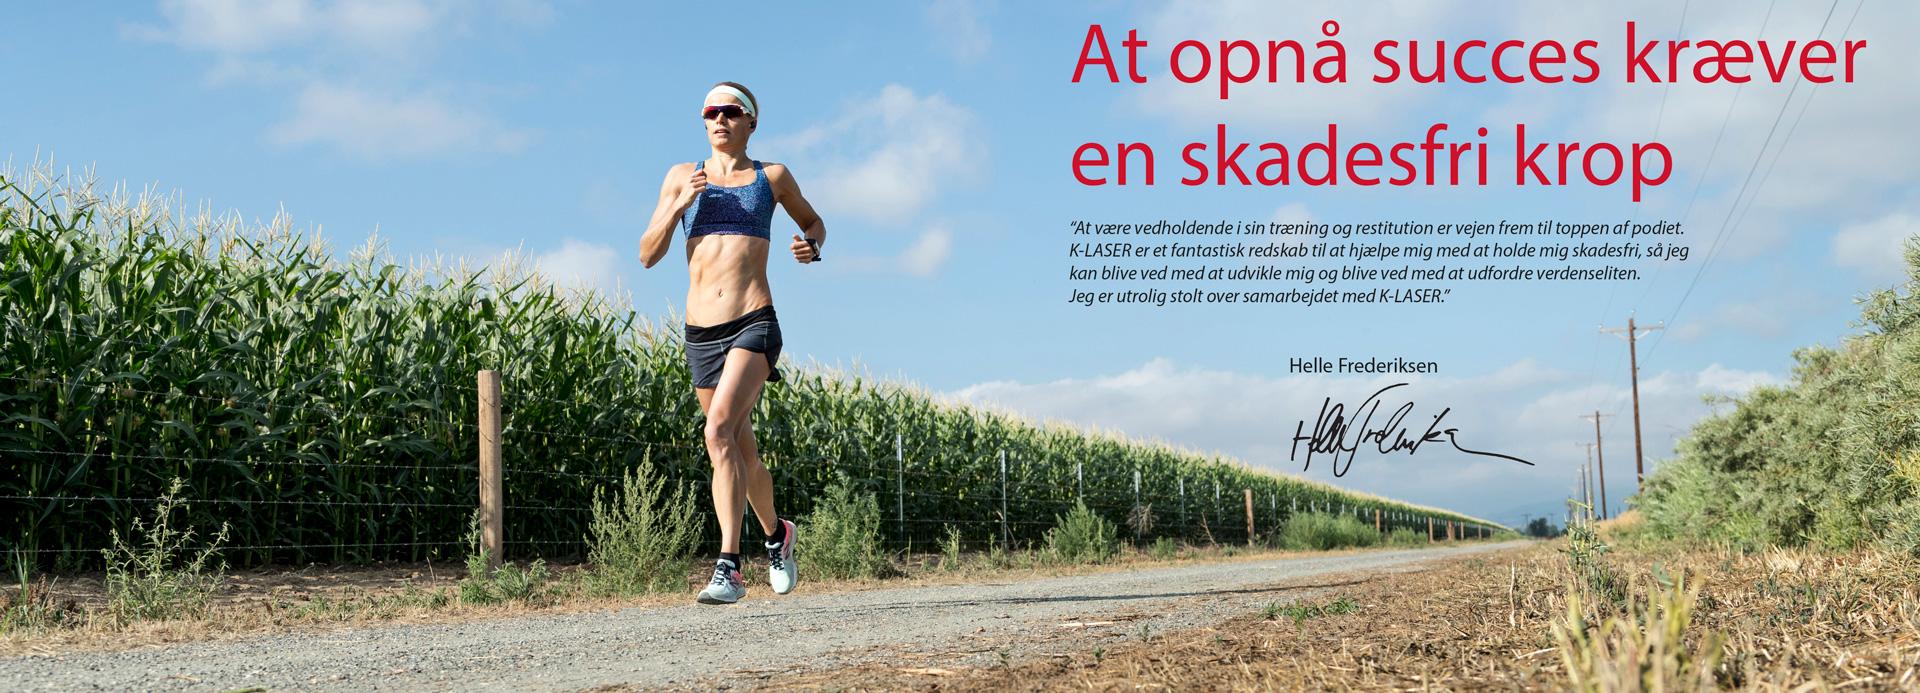 K-Laser Scandinavia sponsoreret atlet Helle Frederiksen